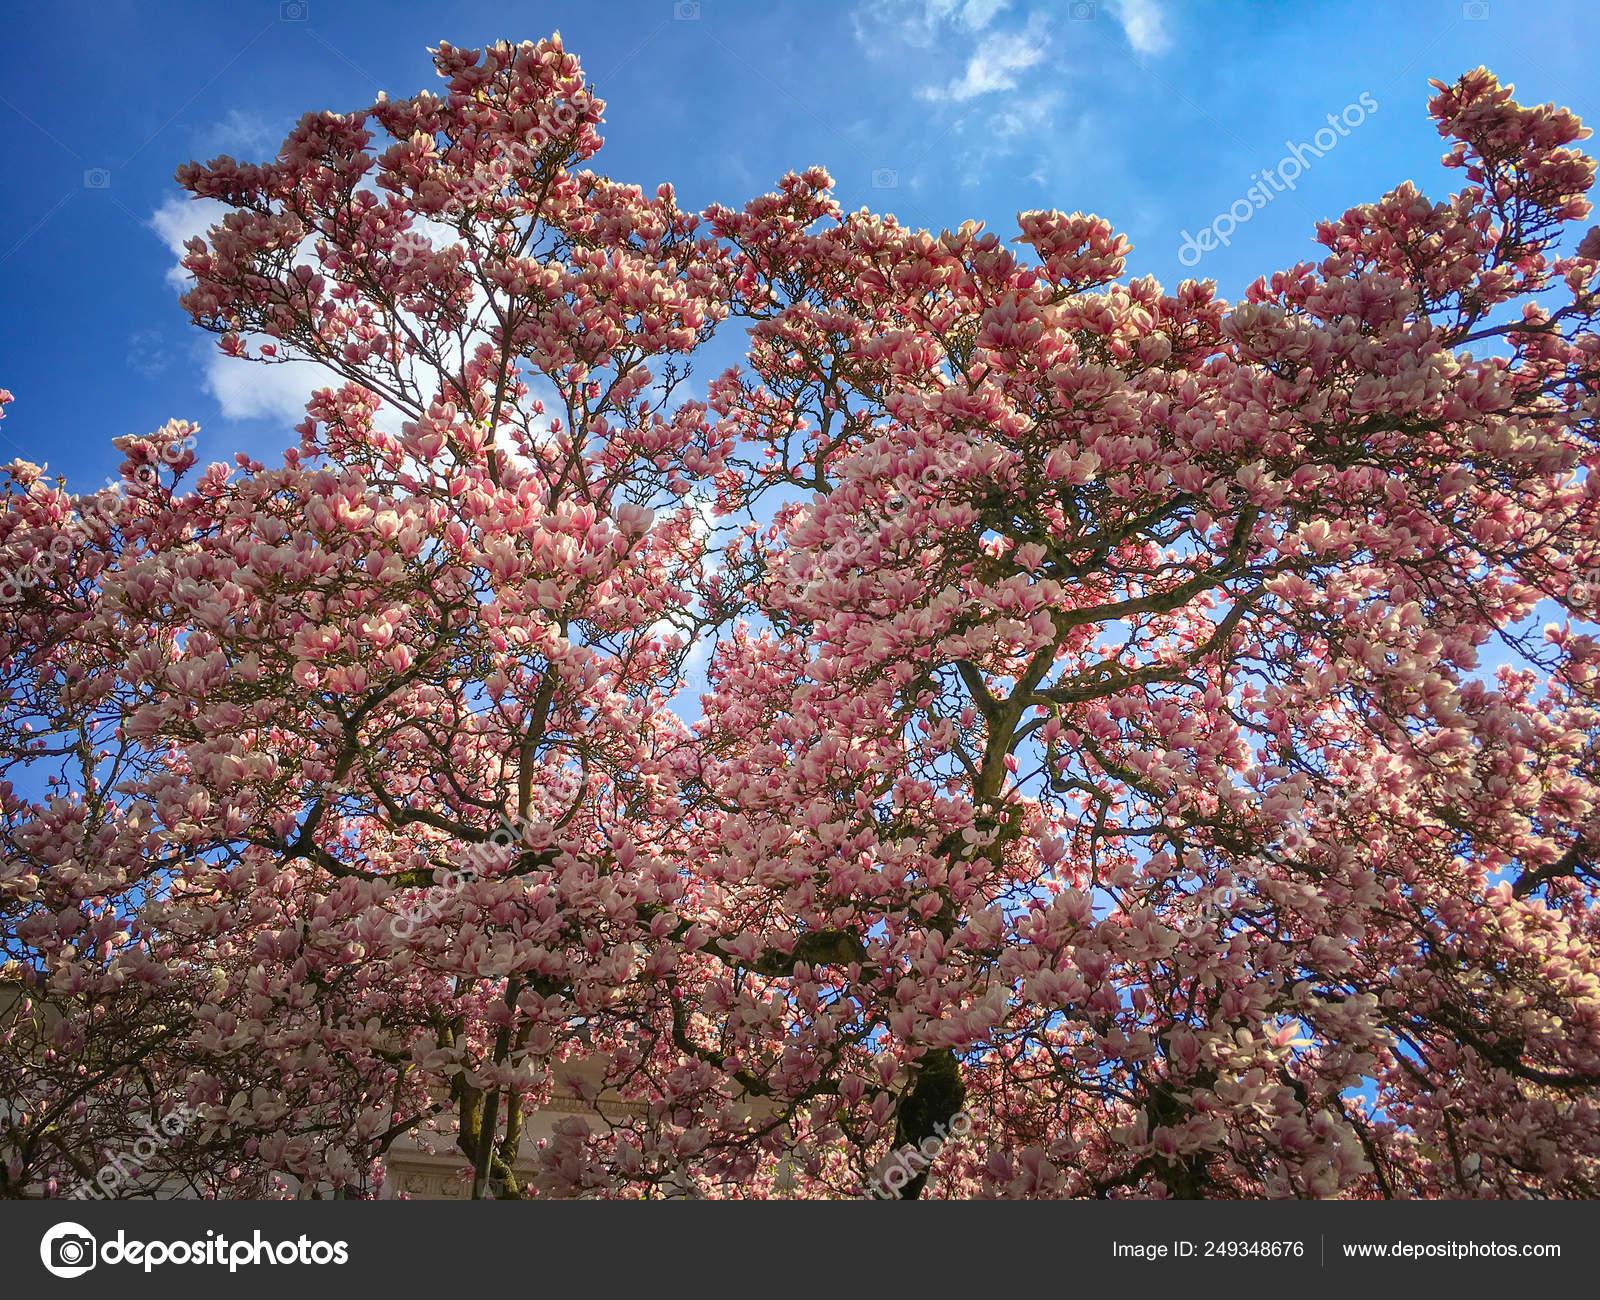 Magnolia Tree In Full Bloom Stock Photo Meseberg At Webde 249348676